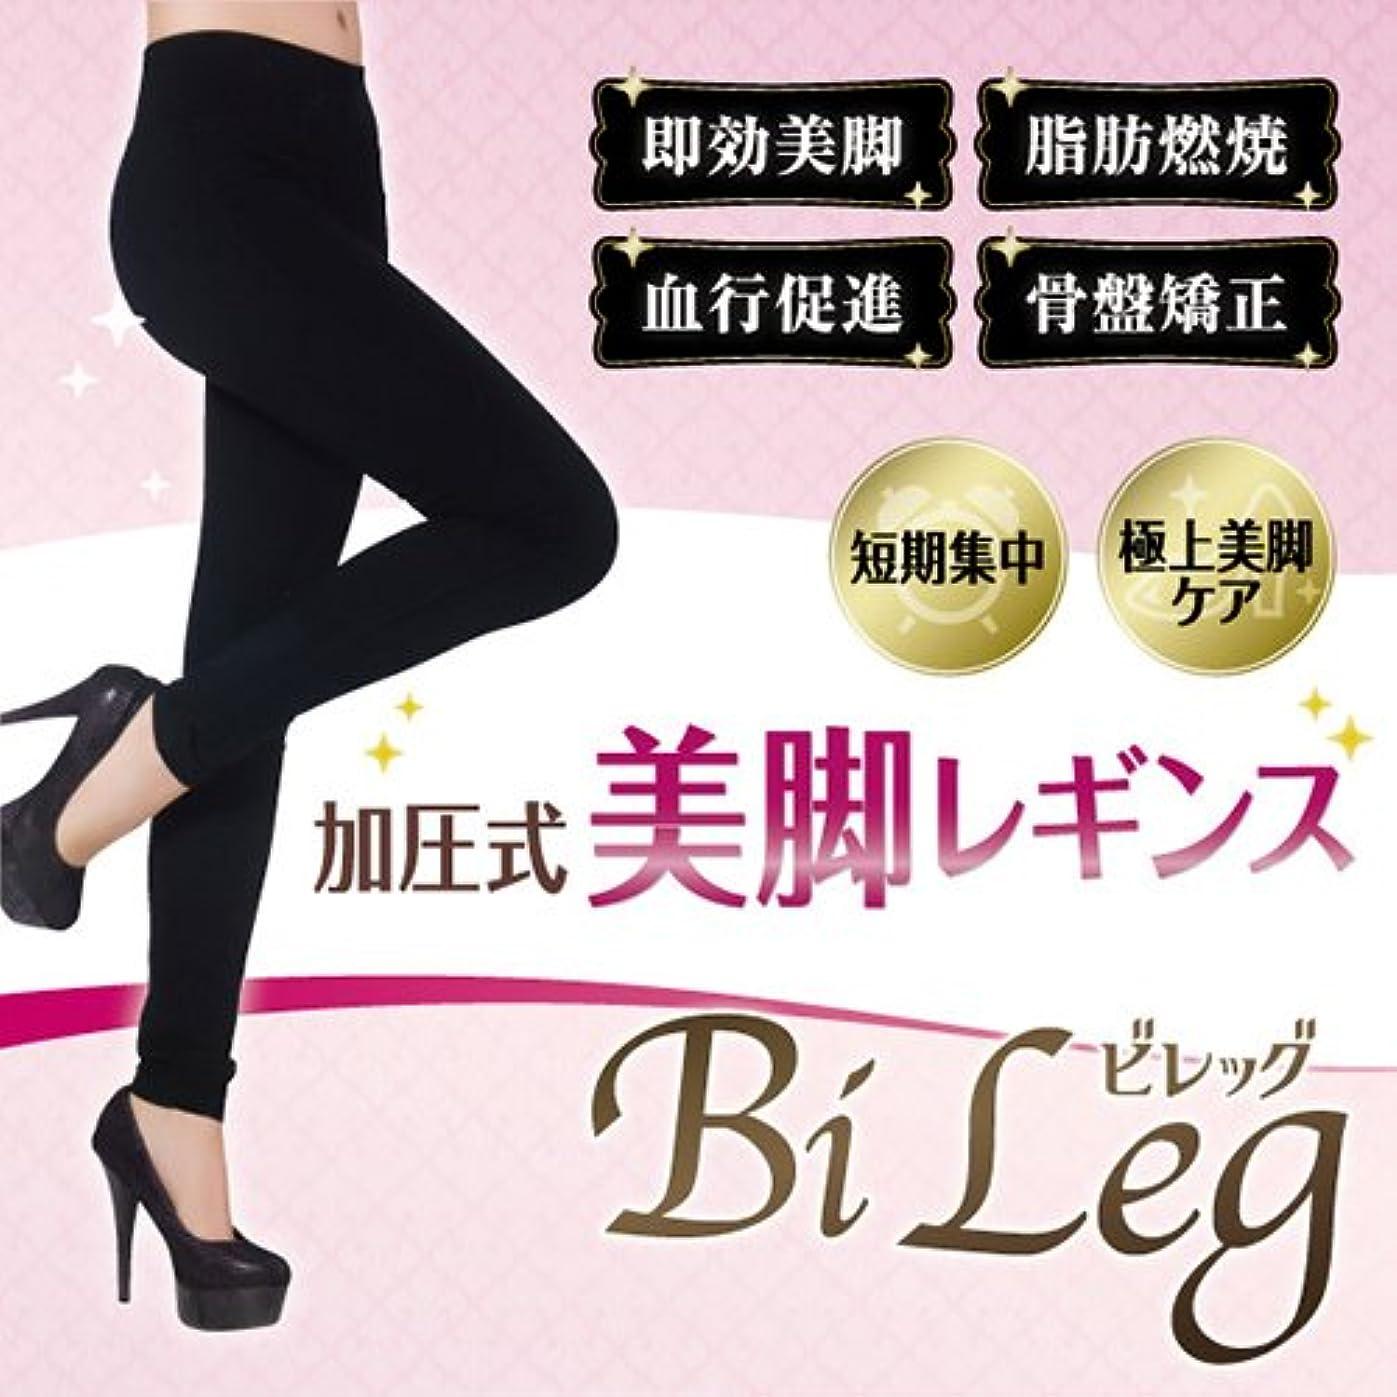 排泄する帝国以上【単品】Bi Leg-ビレッグ-